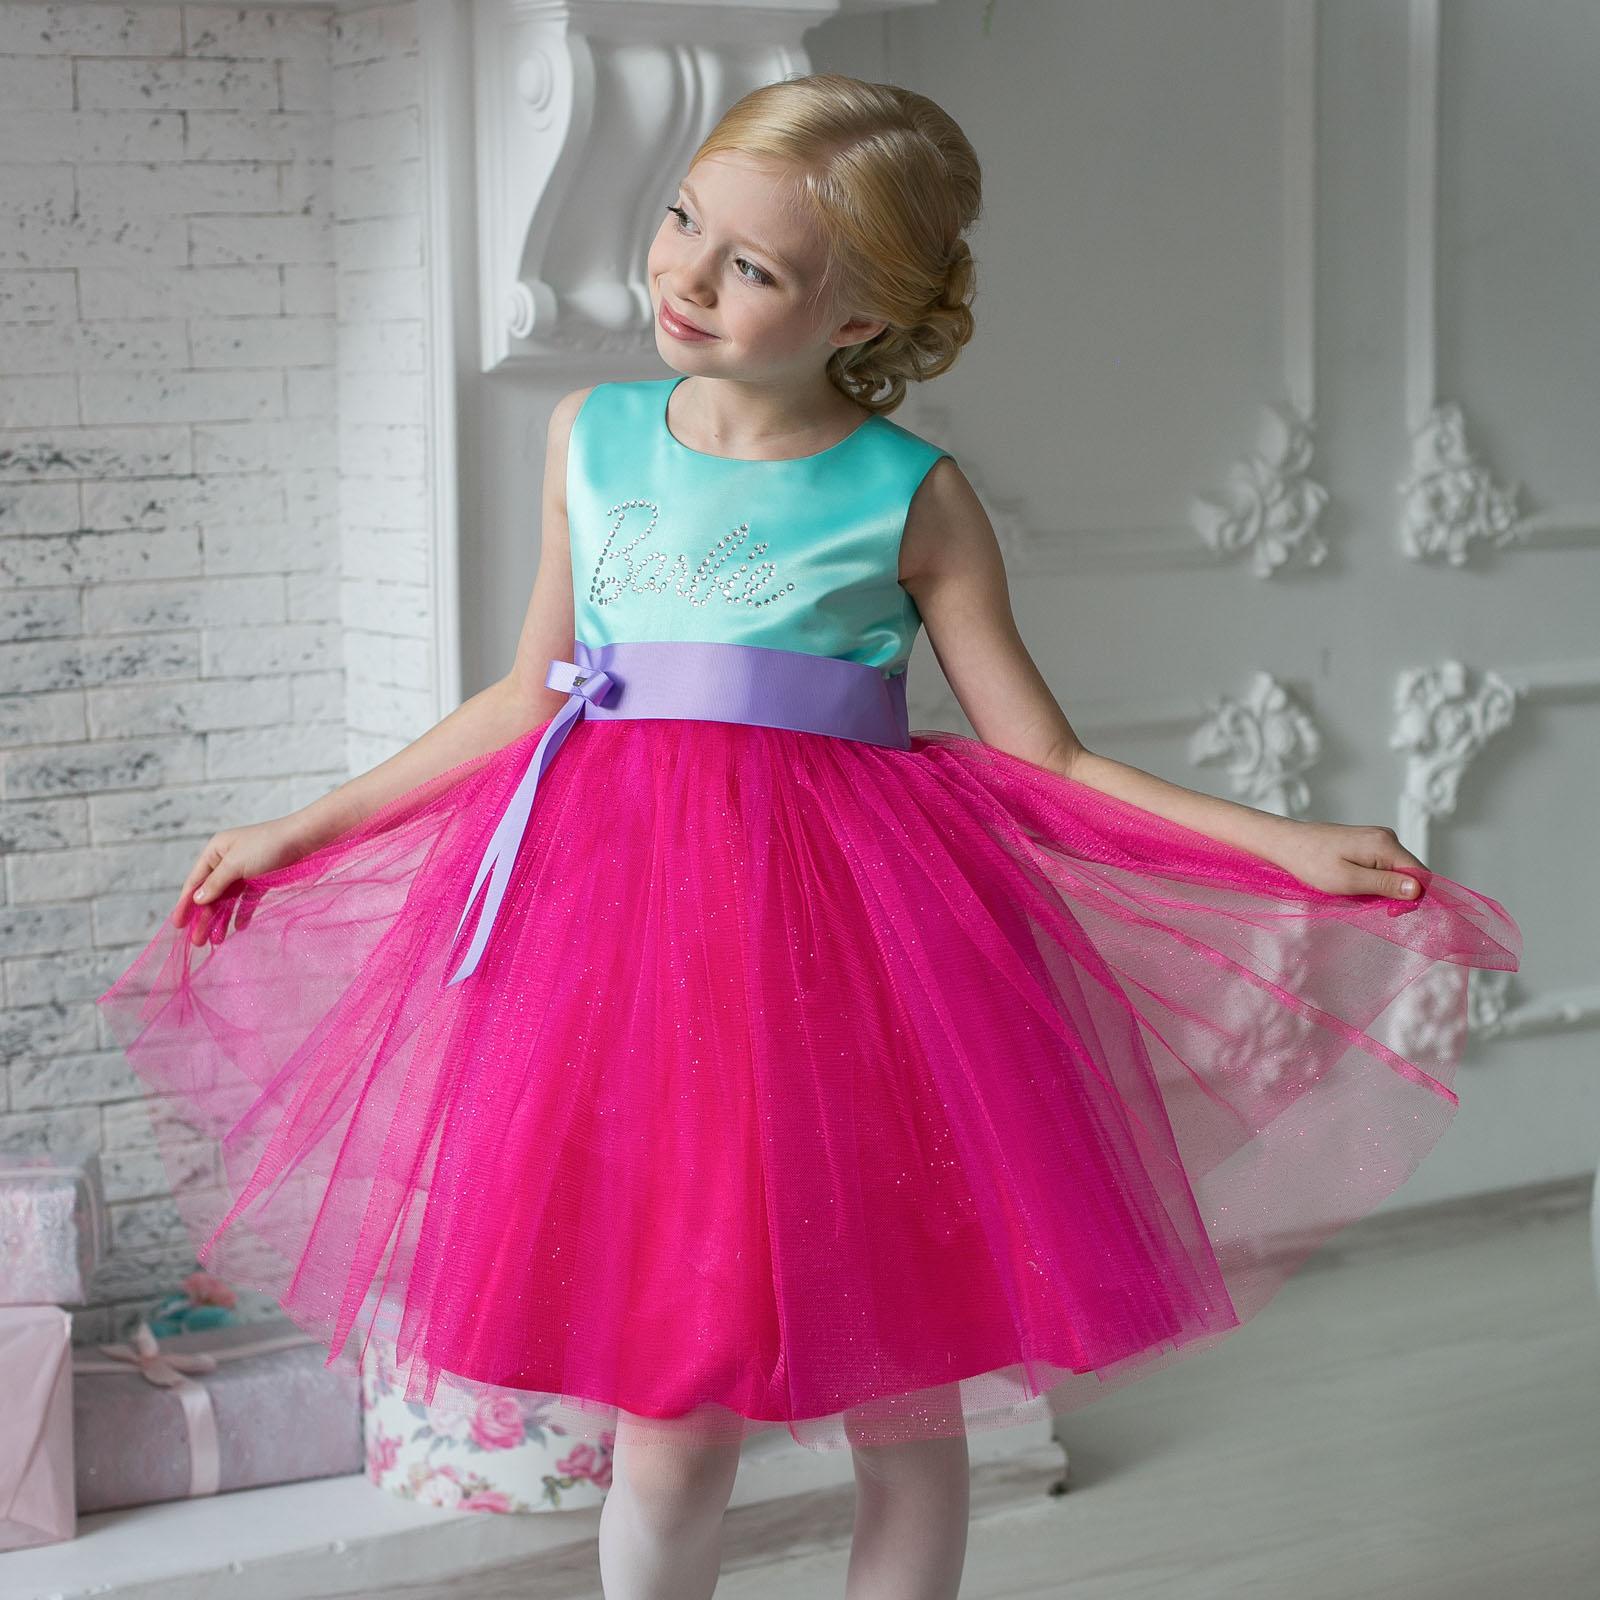 5a01ff5fbaa Коктейльное платье Barbie™ 7134 — Нарядные платья для девочек ...